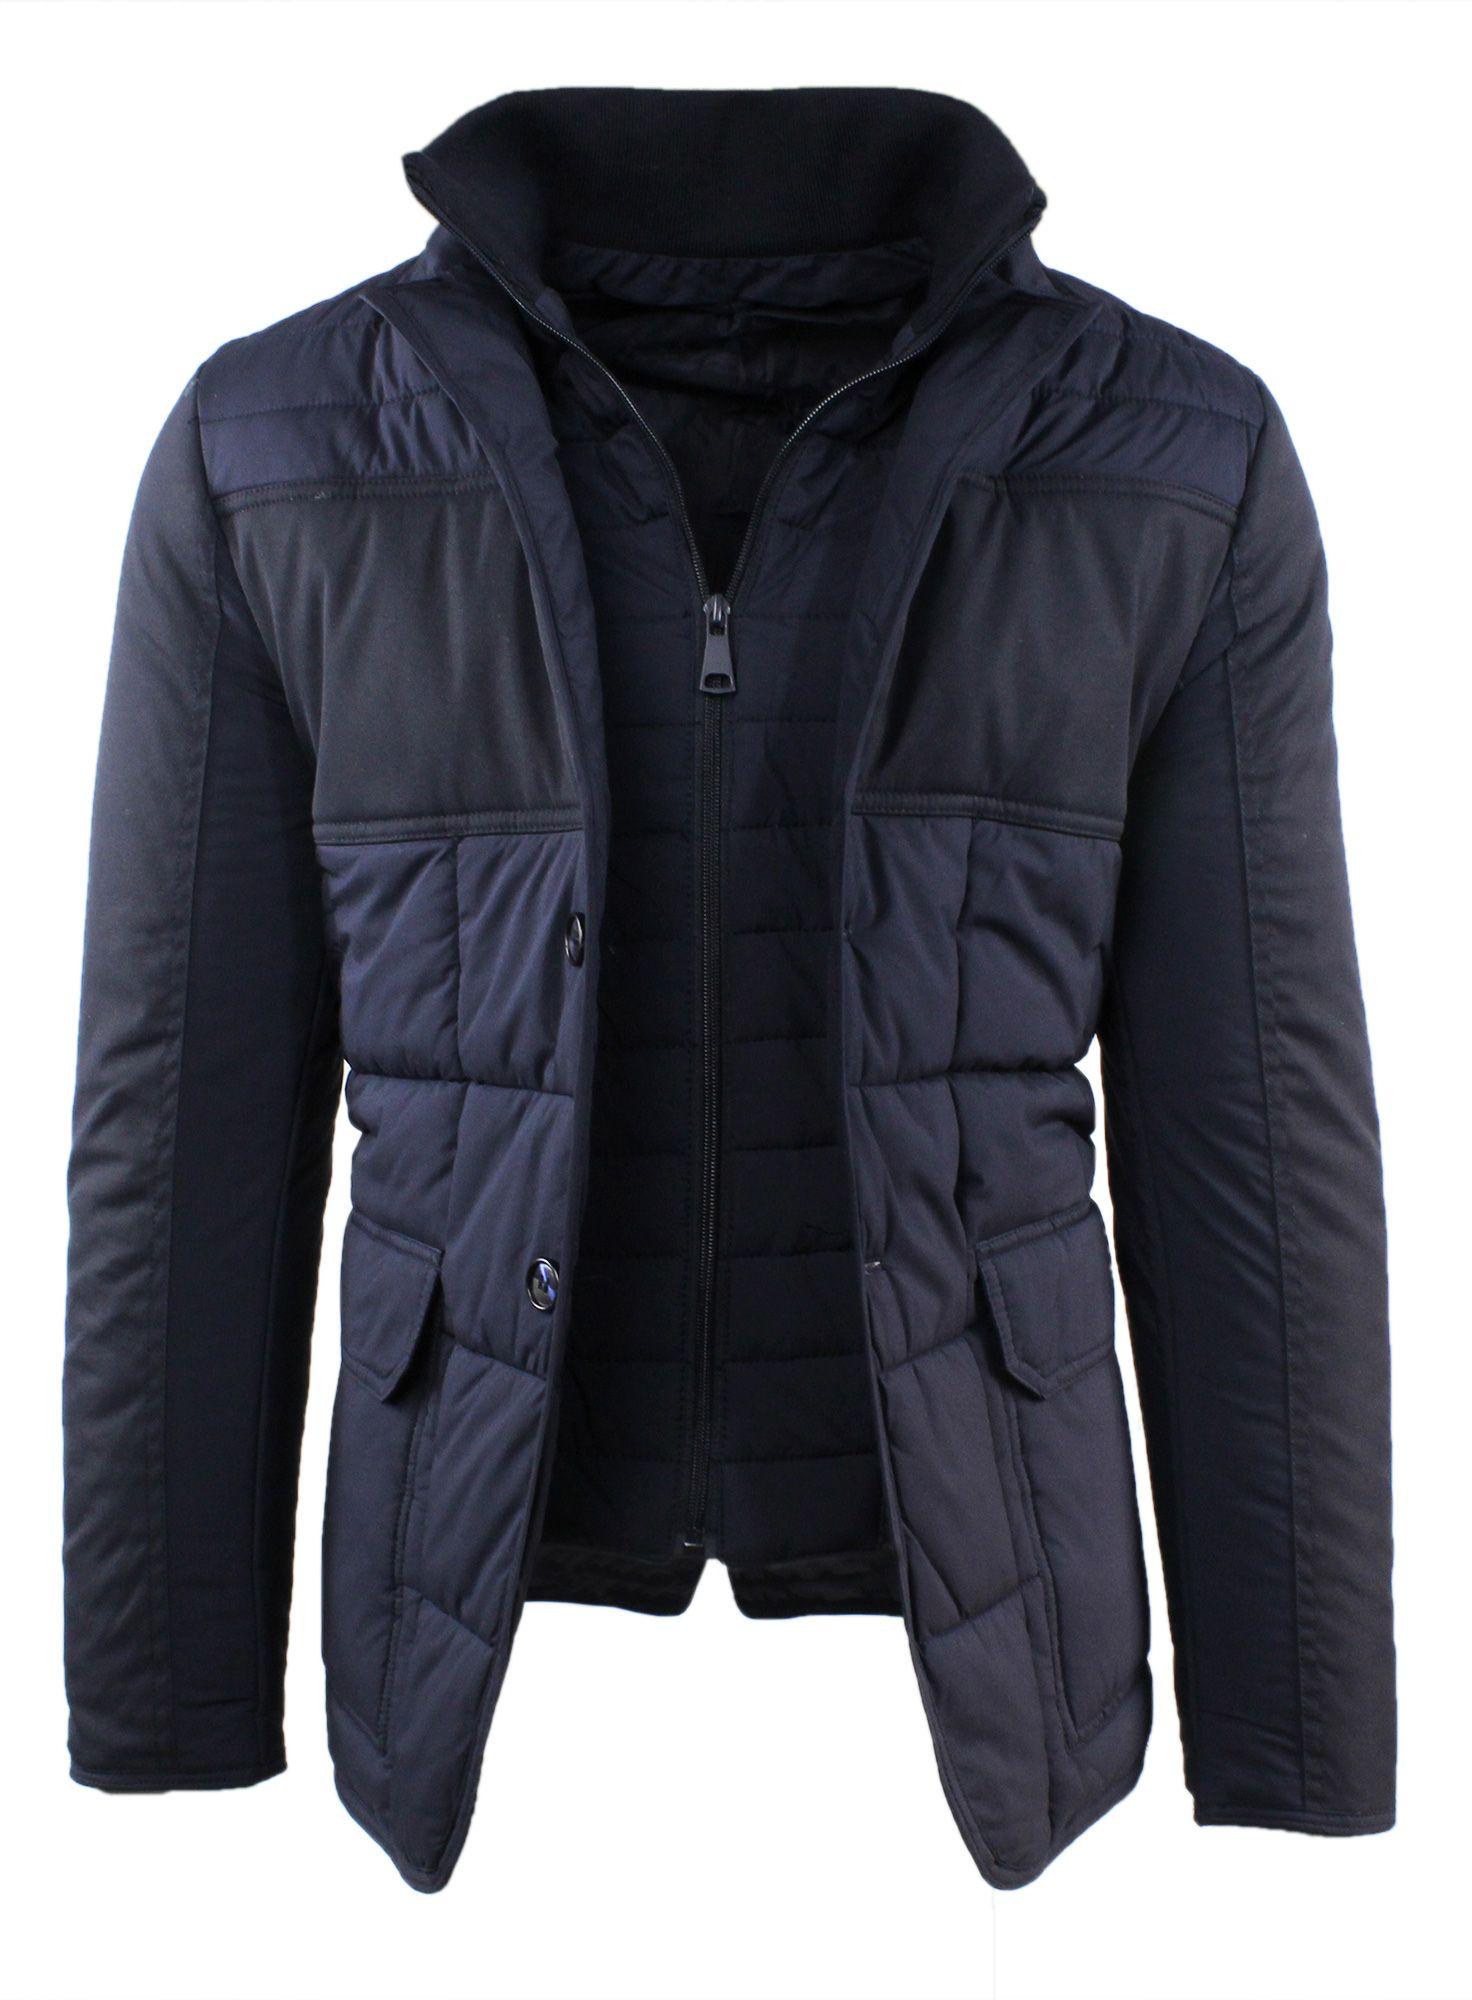 Giubbotto-Uomo-Invernale-Slim-Fit-Blu-Nero-Giacca-Elegante-Trapuntata-Cappotto miniatura 4